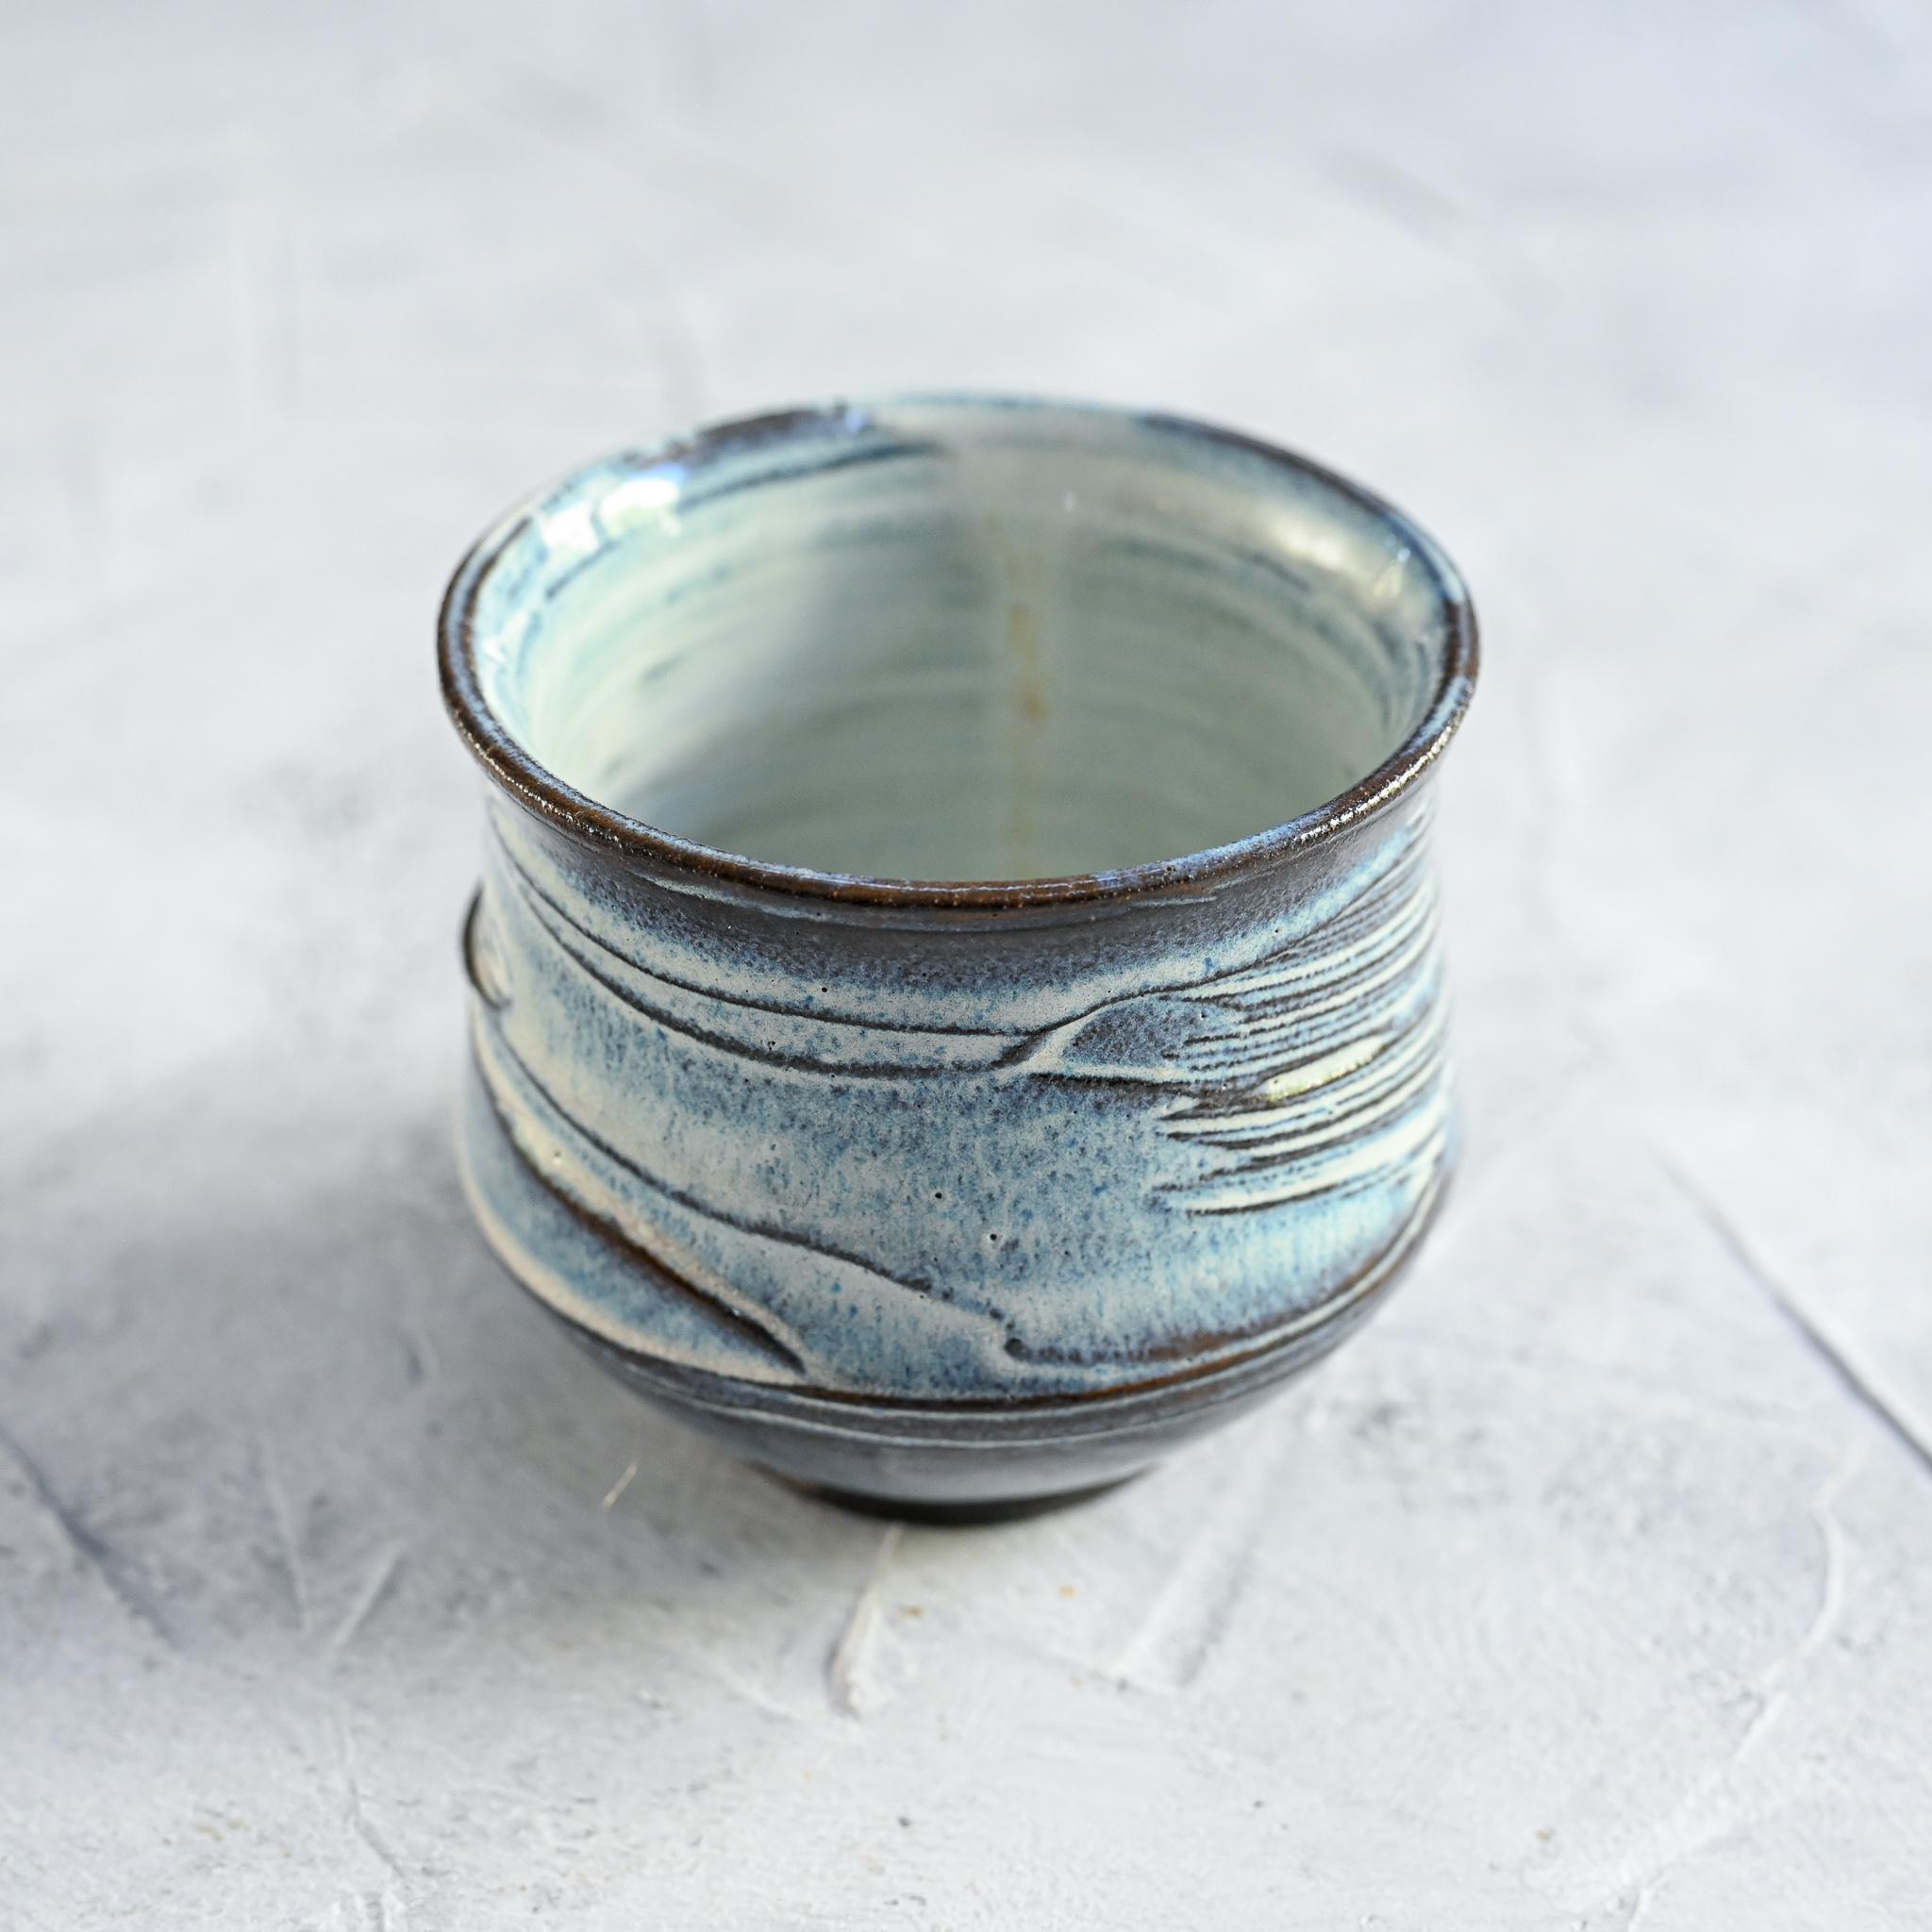 """картинка Керамический стакан """"Джинсовая серия"""" - DishWishes.Ru"""